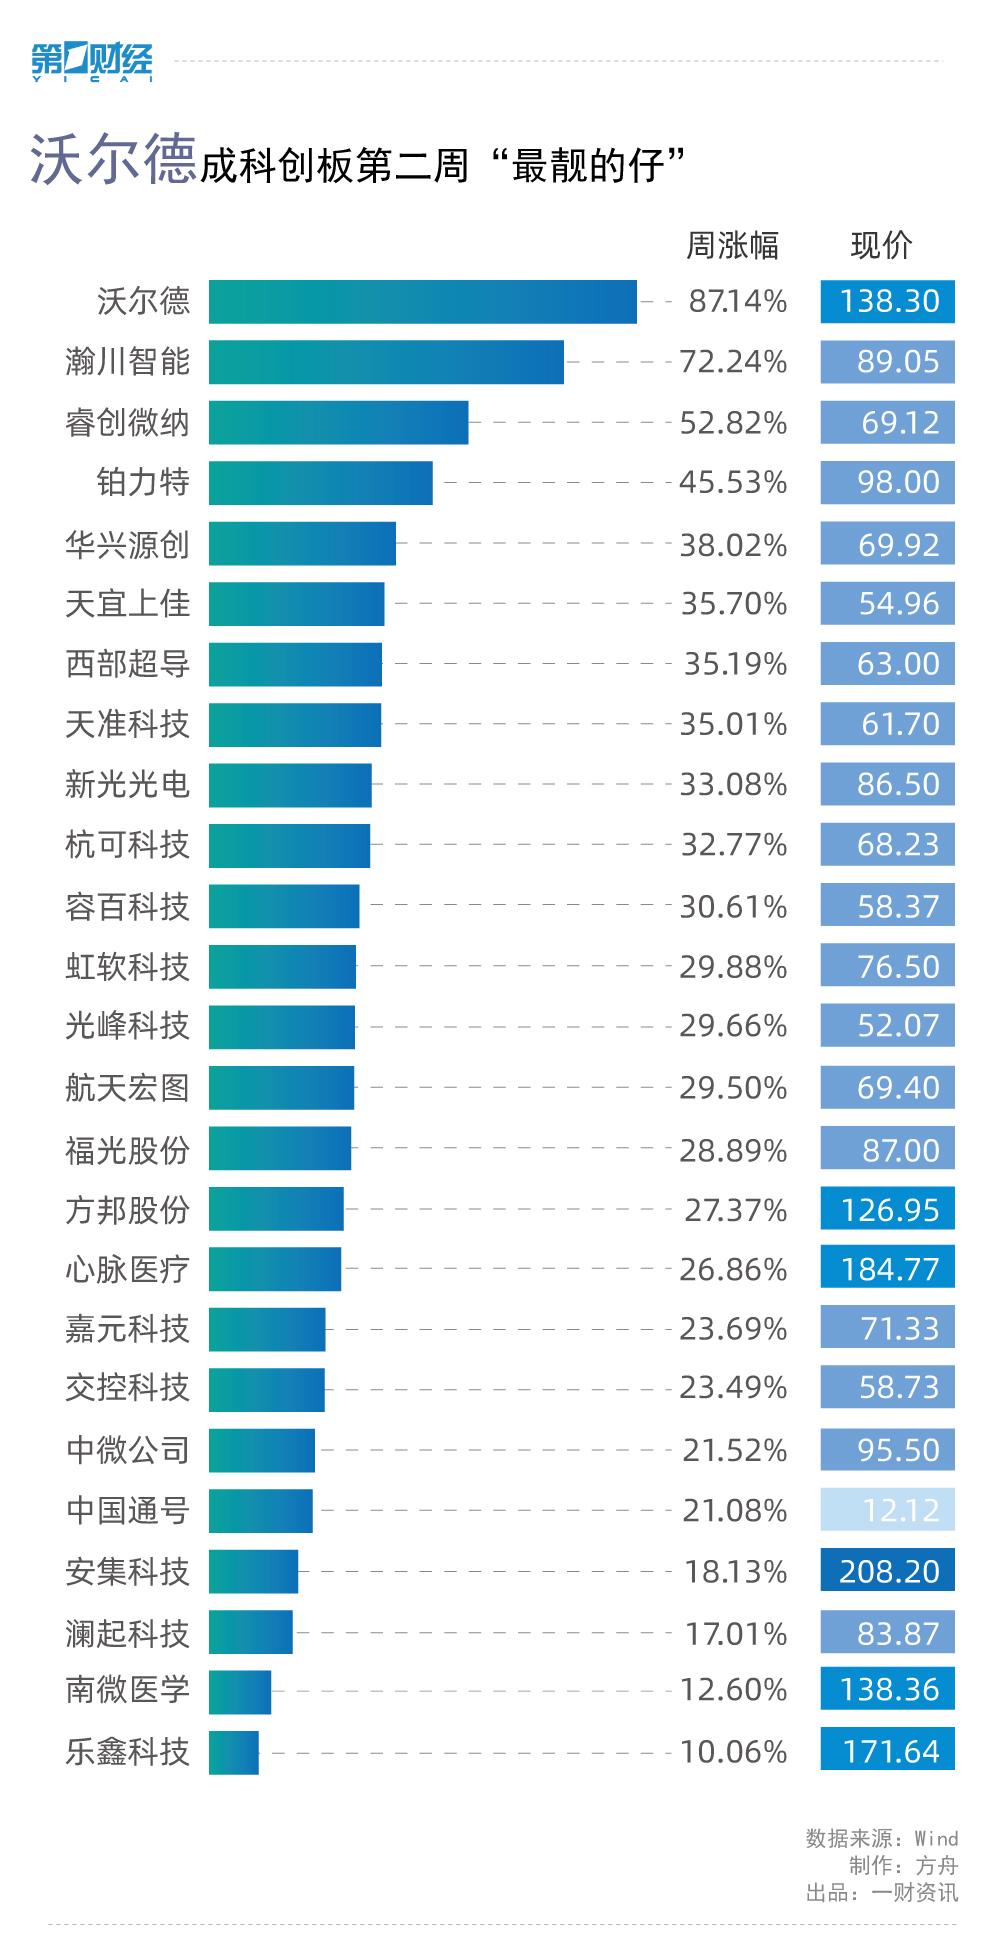 科创板第二周盘点:投资者热情不减 通号市值超千亿